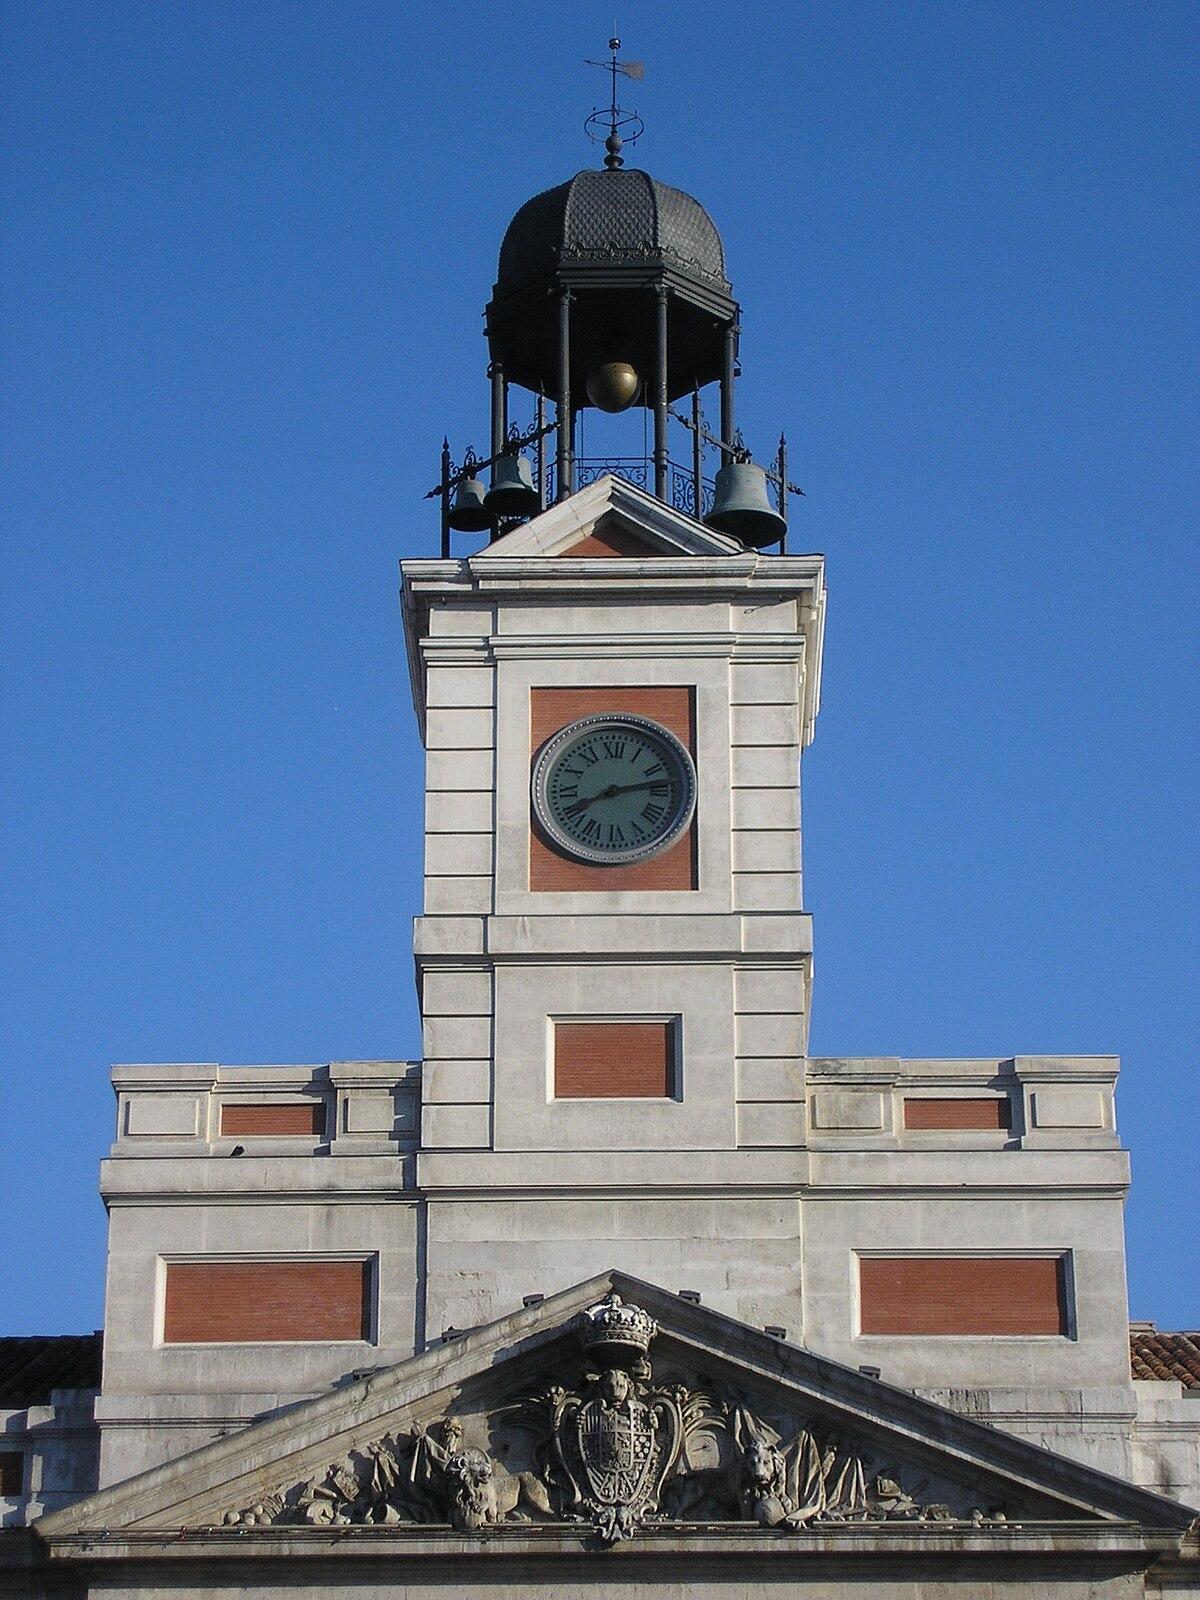 Reloj de torre wikipedia la enciclopedia libre for Las puertas del sol